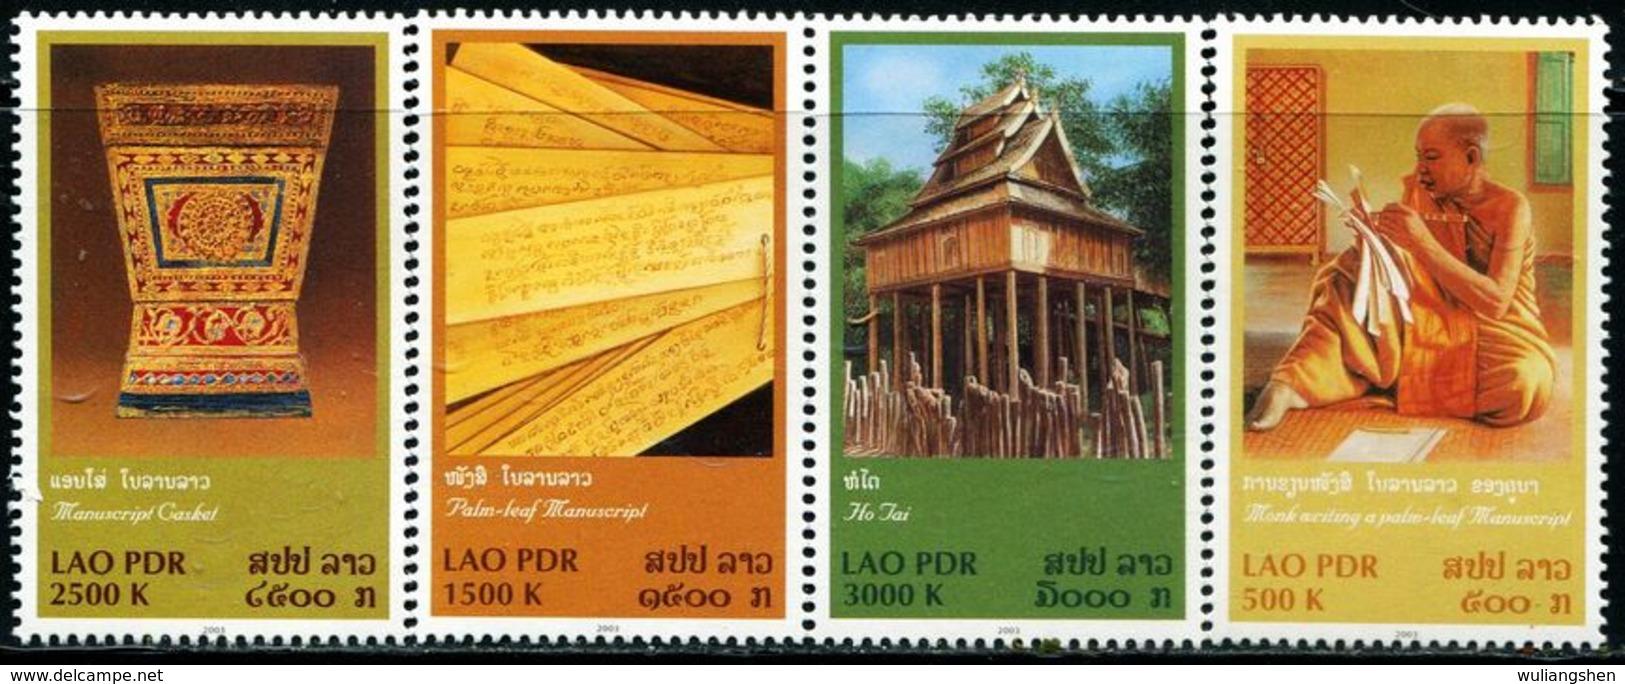 TA0123 Laos 2003 Temple Monks, Verses, Etc. 4V MNH - Laos